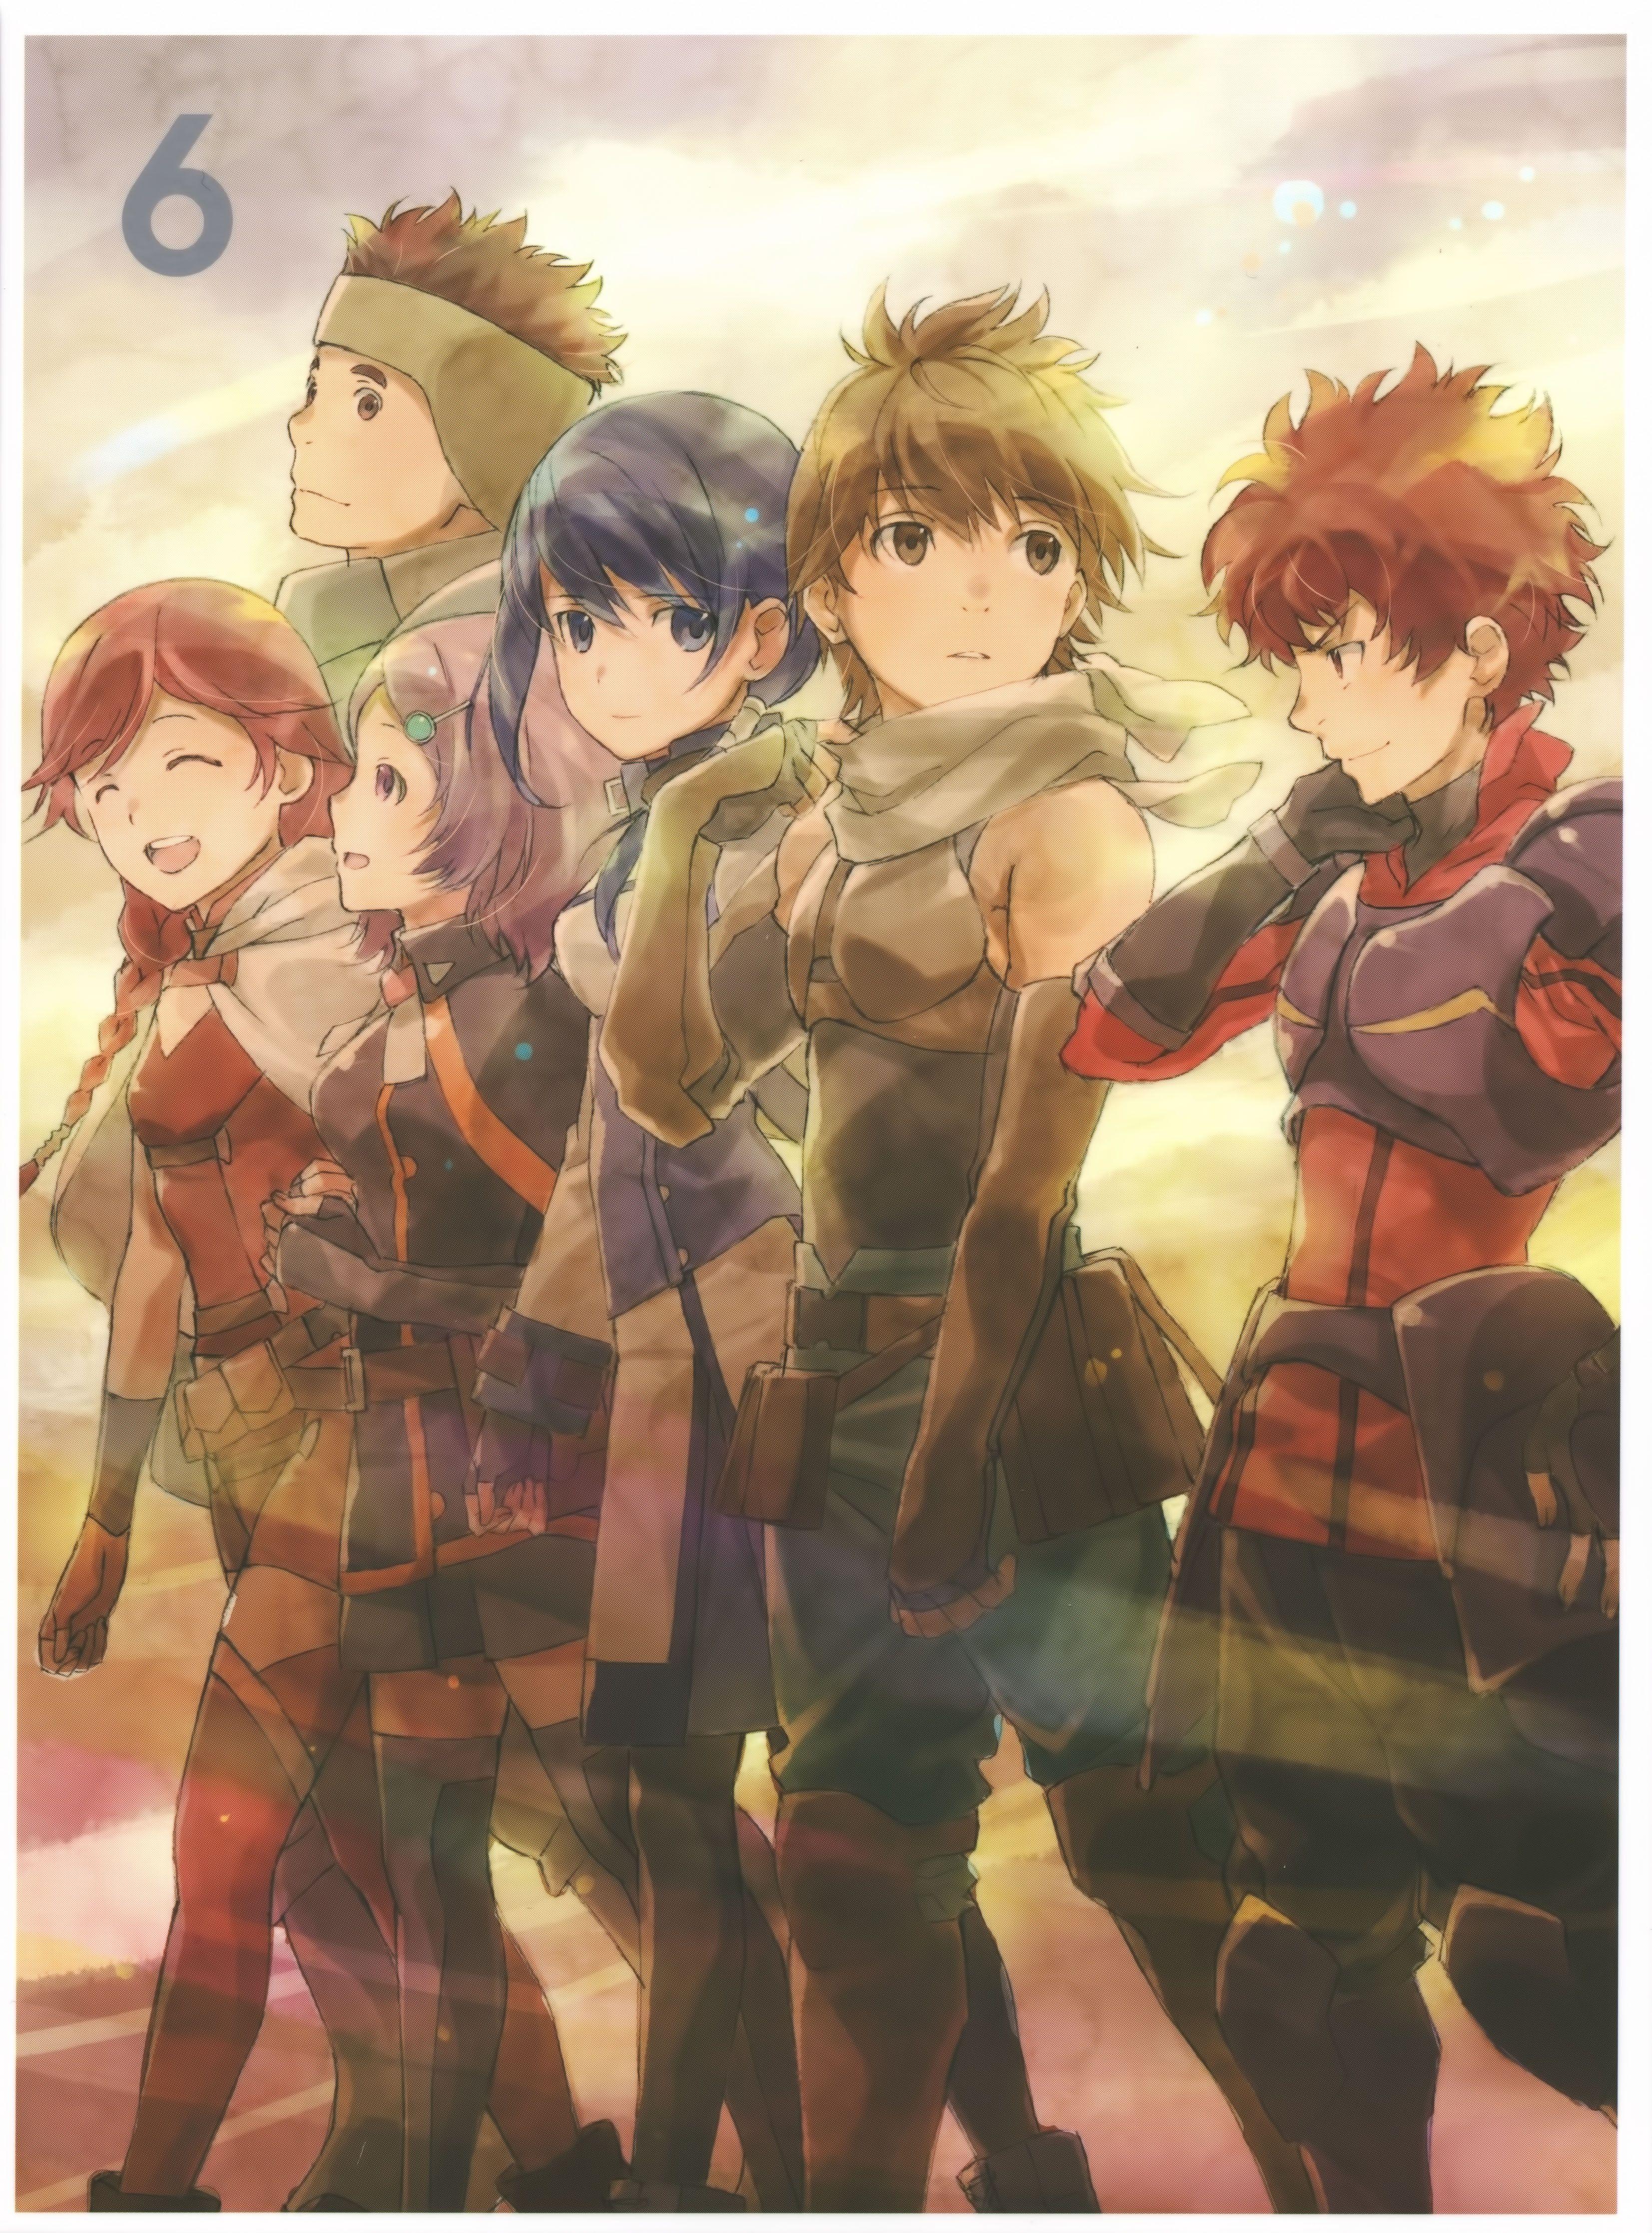 6 Fav Hai To Gensou No Grimgar Anime Anime Artwork Anime Images